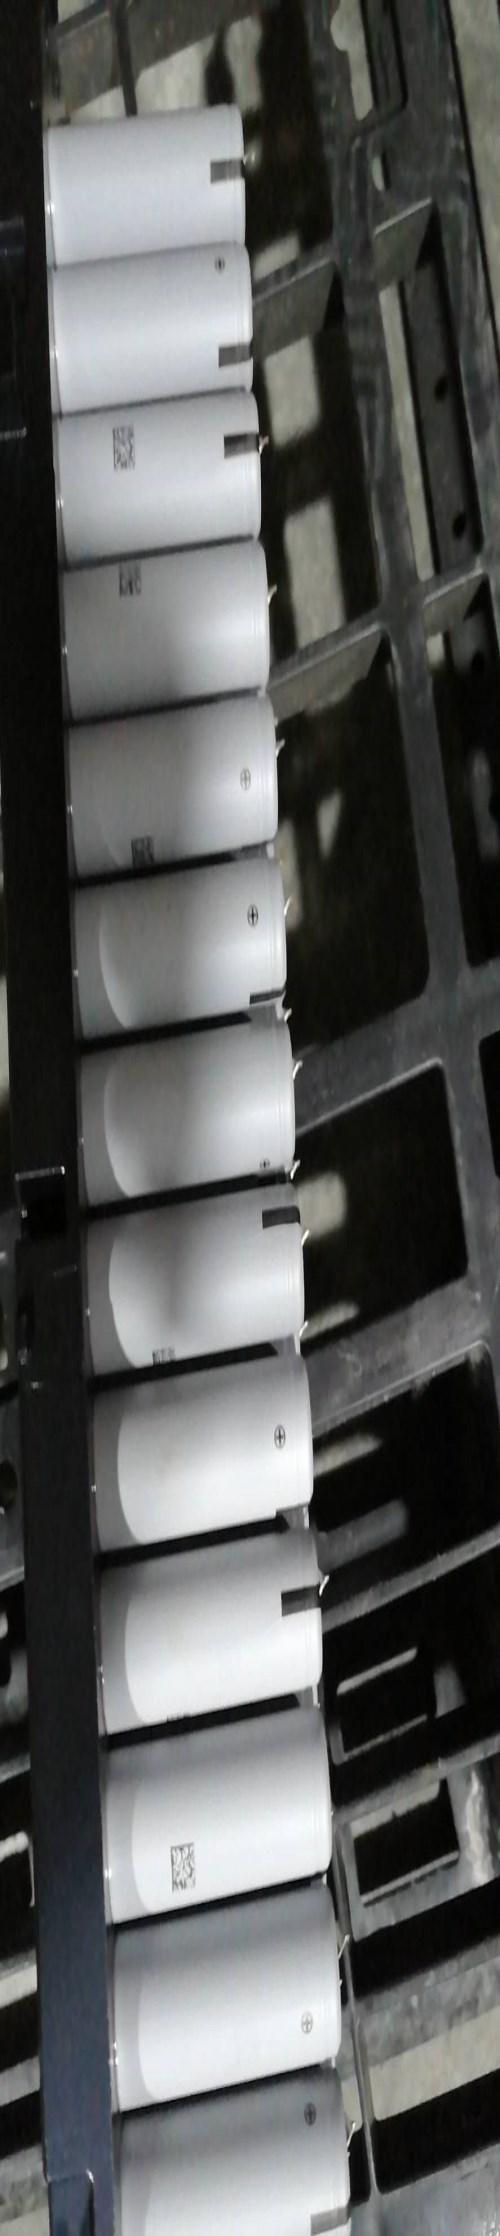 电池高价回收_蓄电池充电器相关-深圳市龙岗区兴源发再生资源回收站